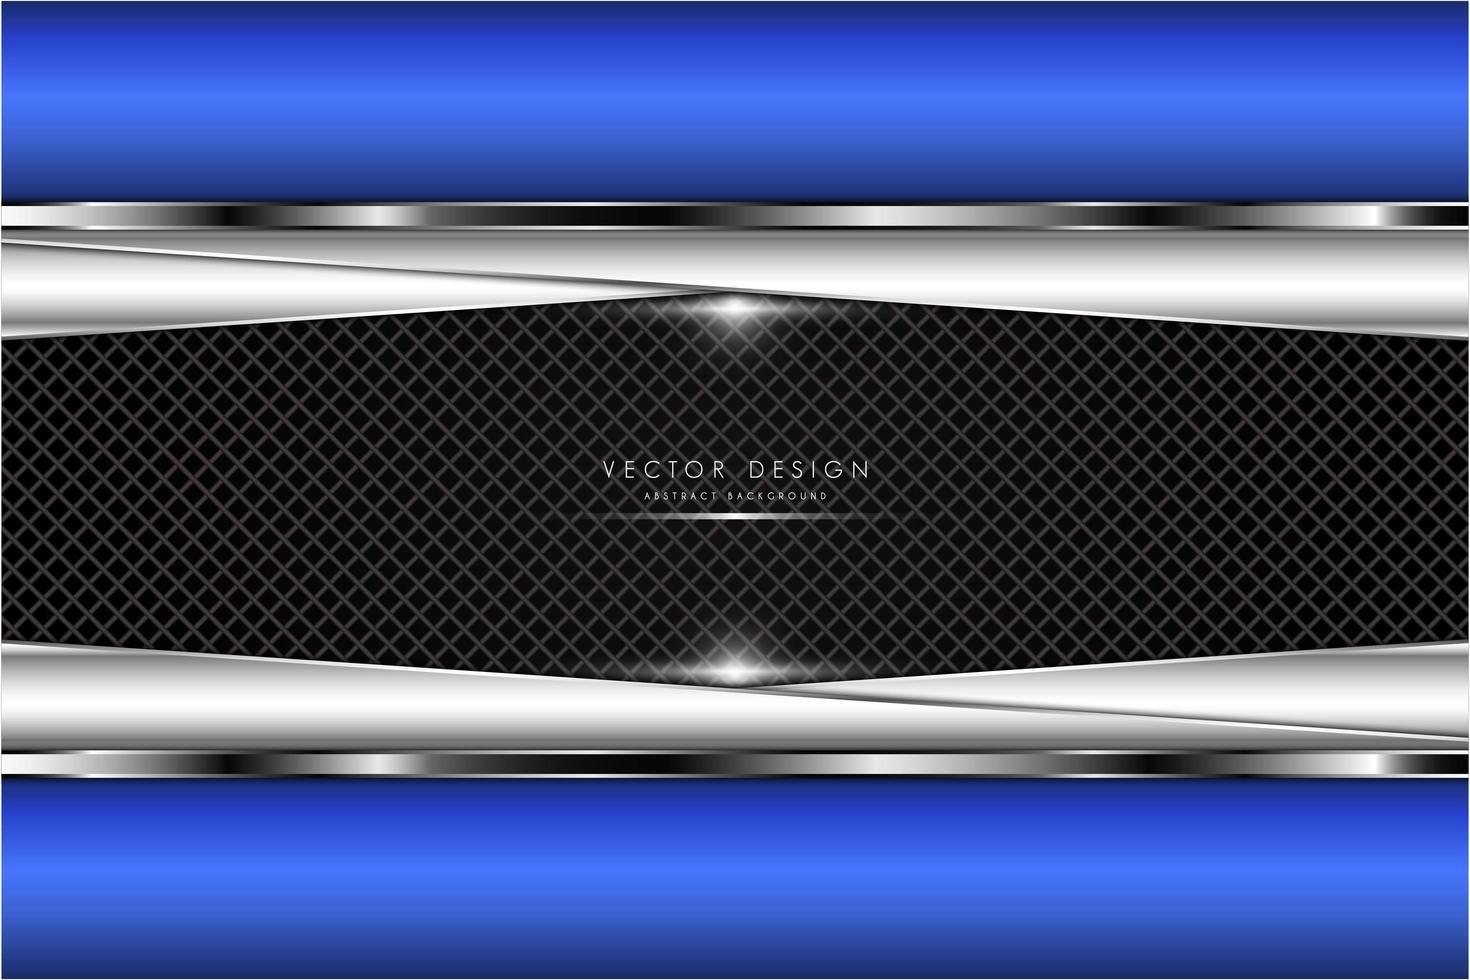 Bordure bleue métallique et plaques angulaires argentées sur la texture de la grille vecteur